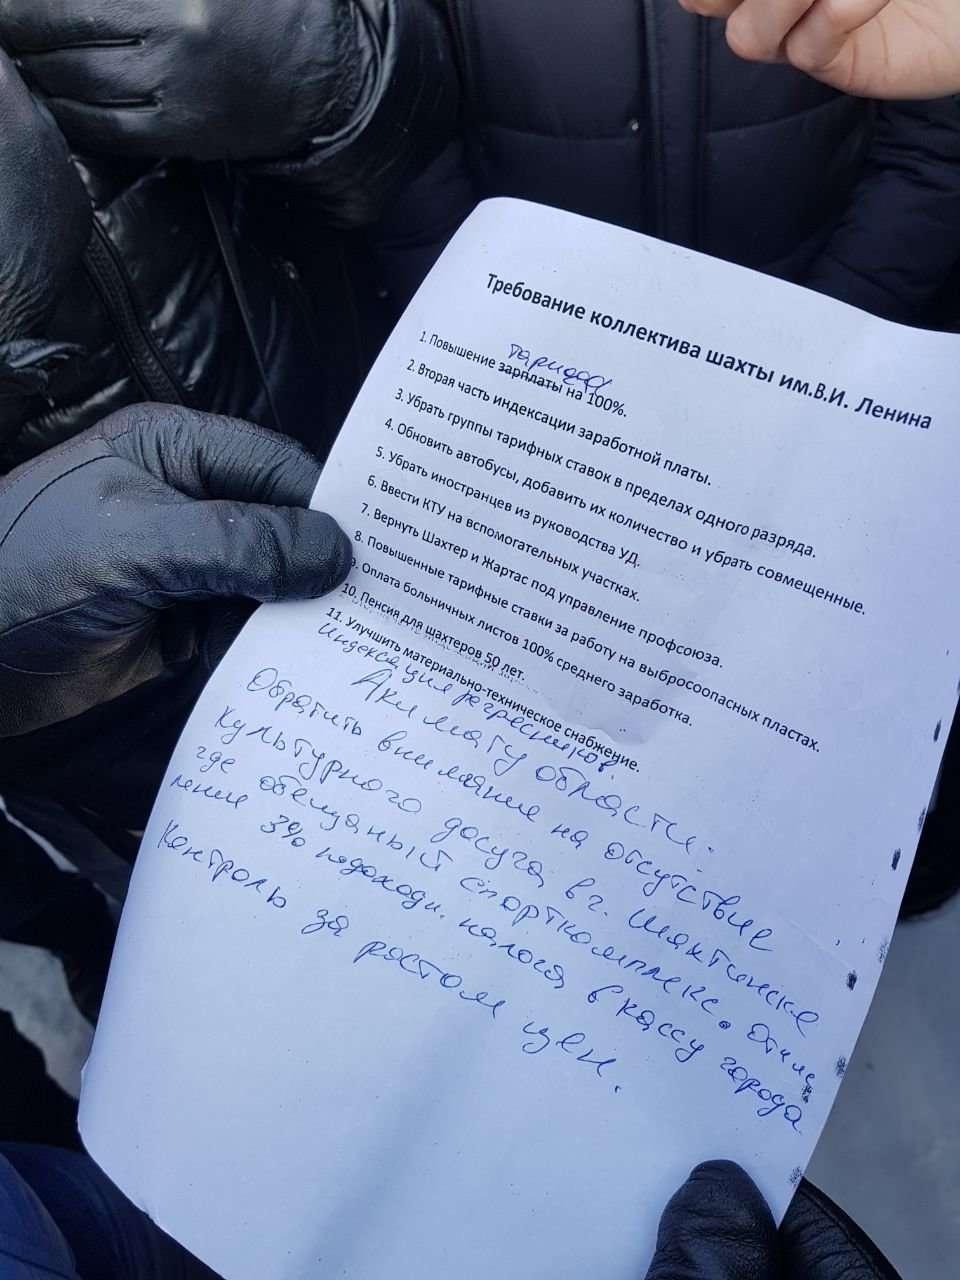 Список требований шахтёров к руководству